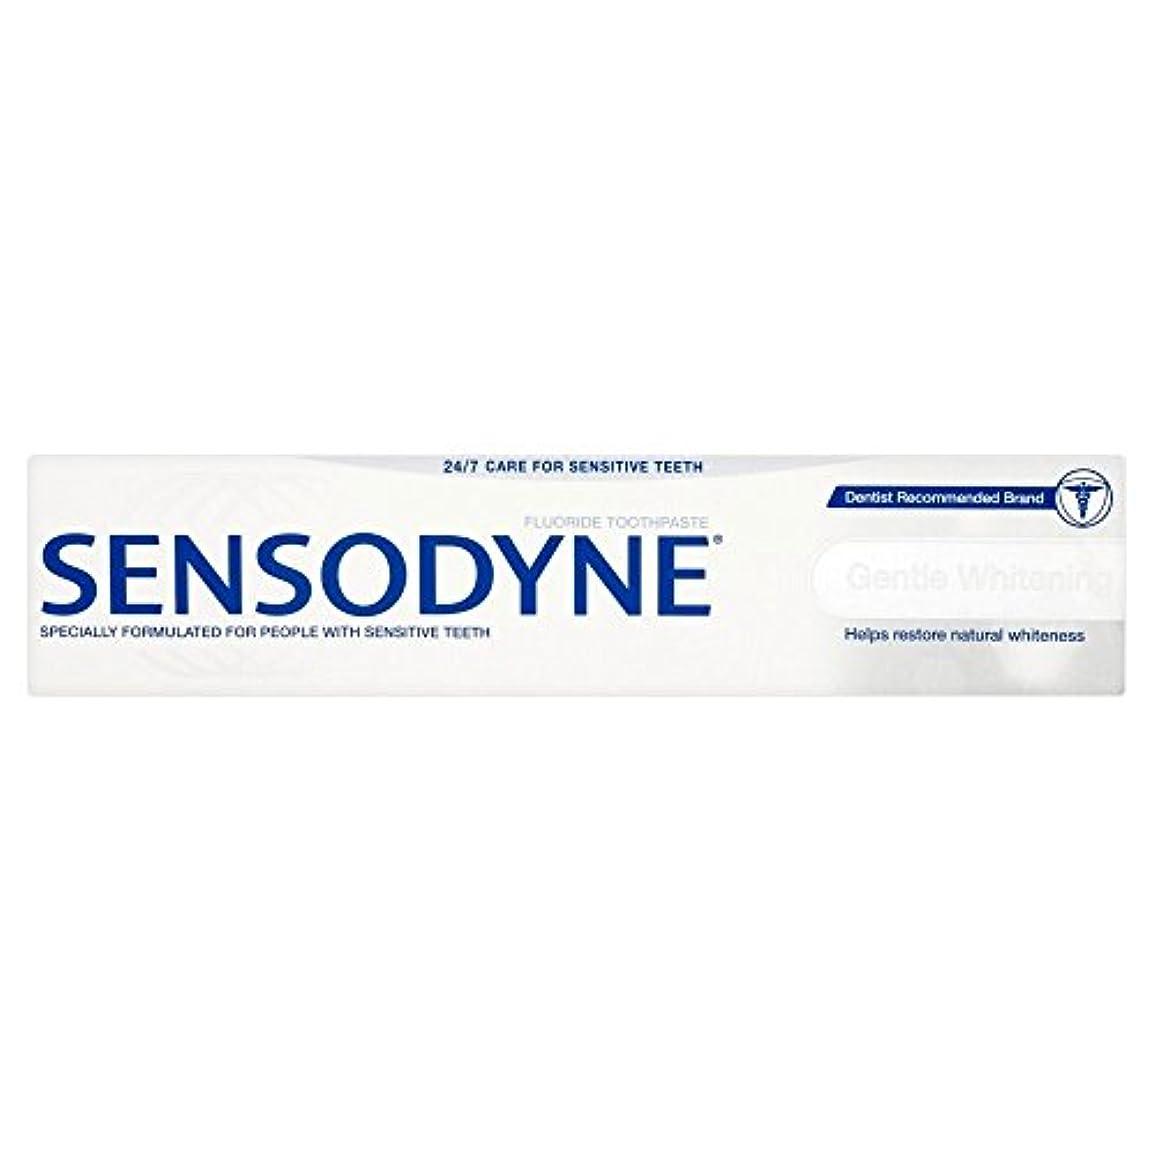 シャックルティーム確認するSensodyne Total Care Gentle Whitening Toothpaste Tube (100ml) Sensodyneトータルケア優しいホワイトニング歯磨き粉のチューブ( 100ミリリットル) [...